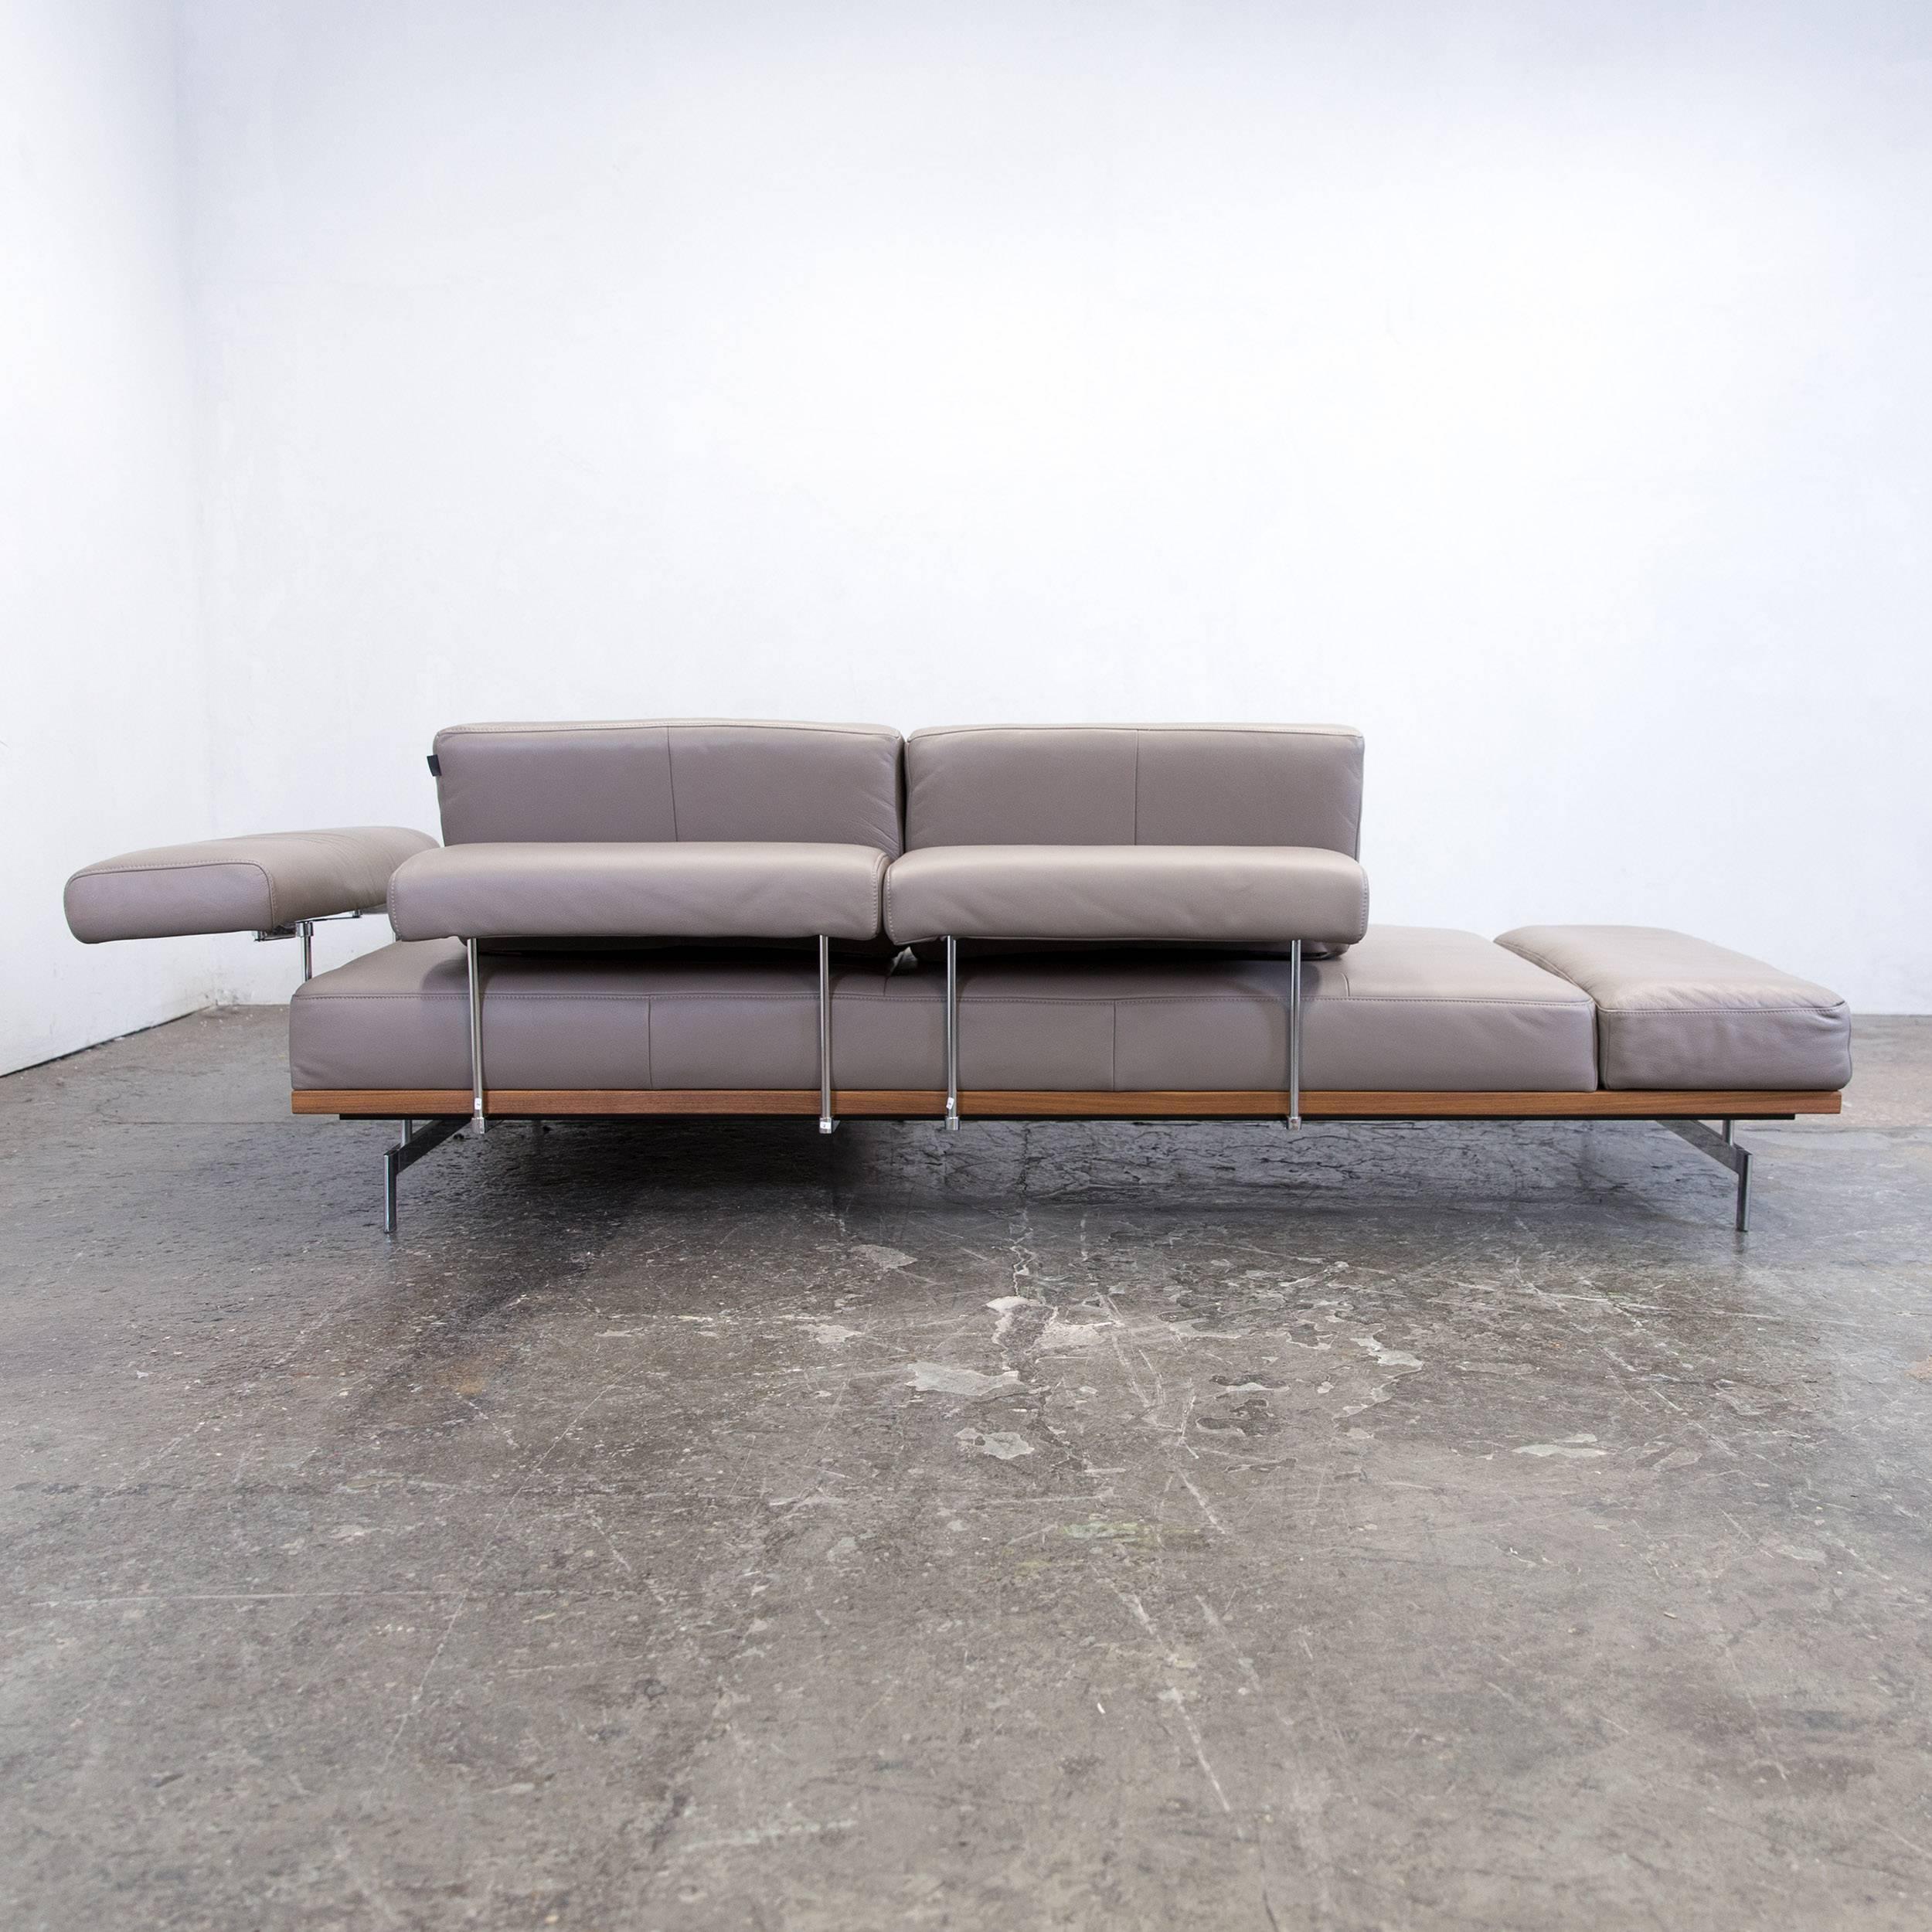 Joop Sofa Grau Jugendzimmer Sofa Inspirierend Couch Und Sessel